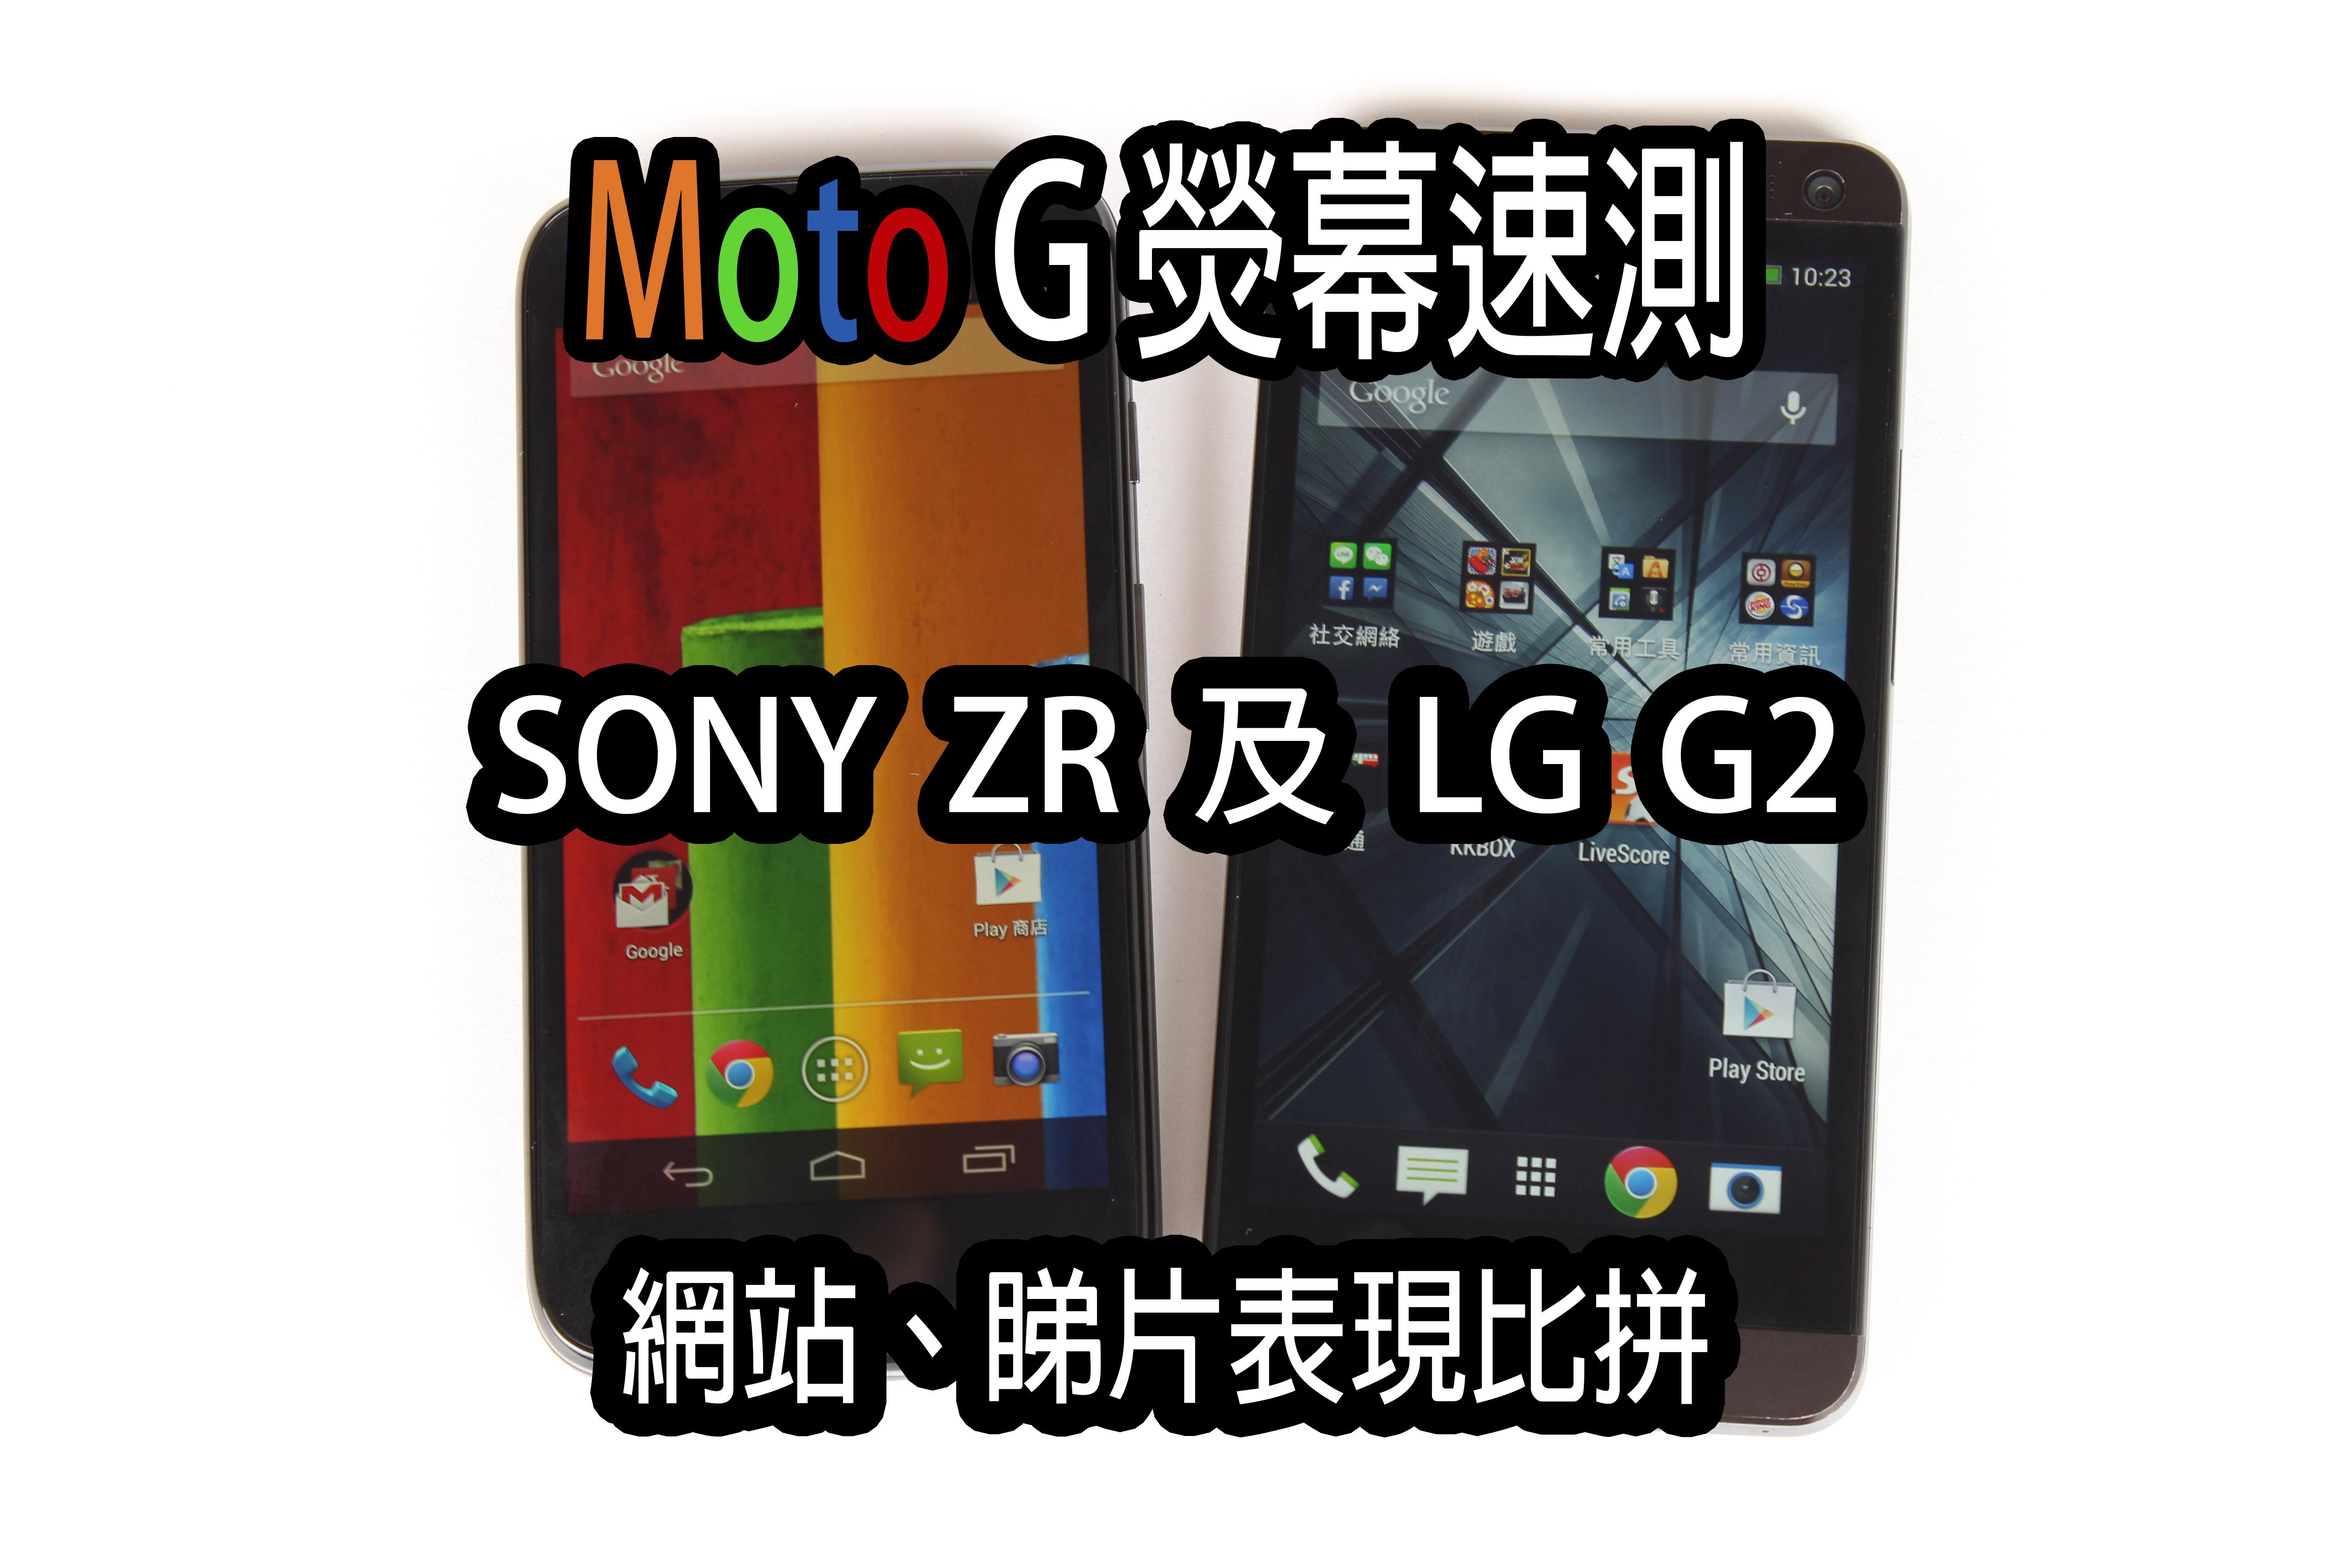 【真機速試】抵玩 4 核靚芒手機 Moto G 上手速測 I - 熒幕篇